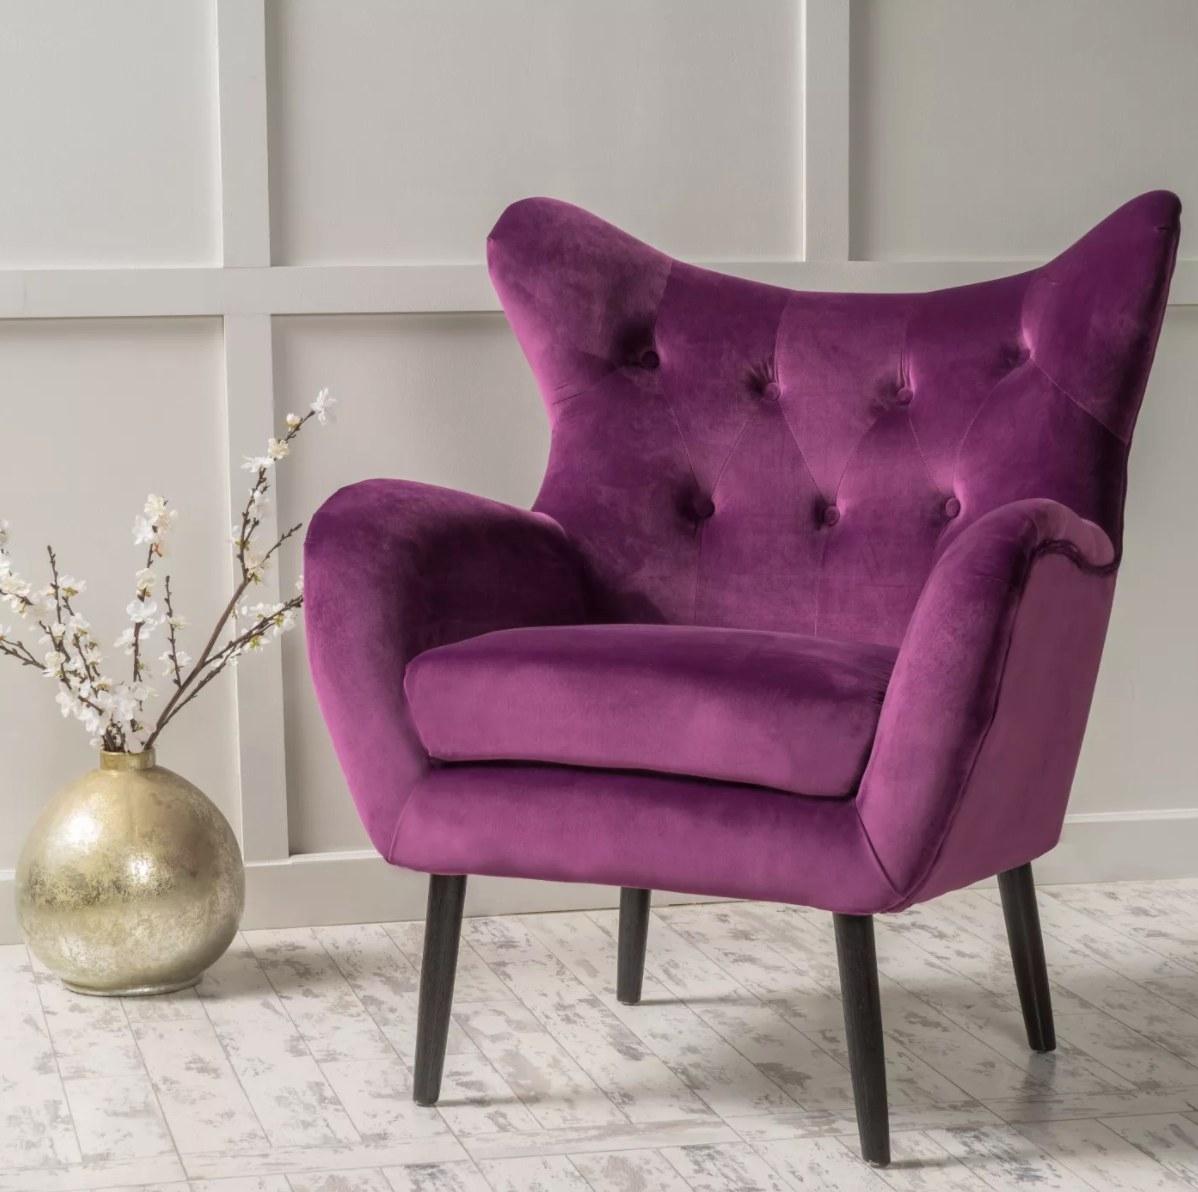 The velvet armchair in fuchsia